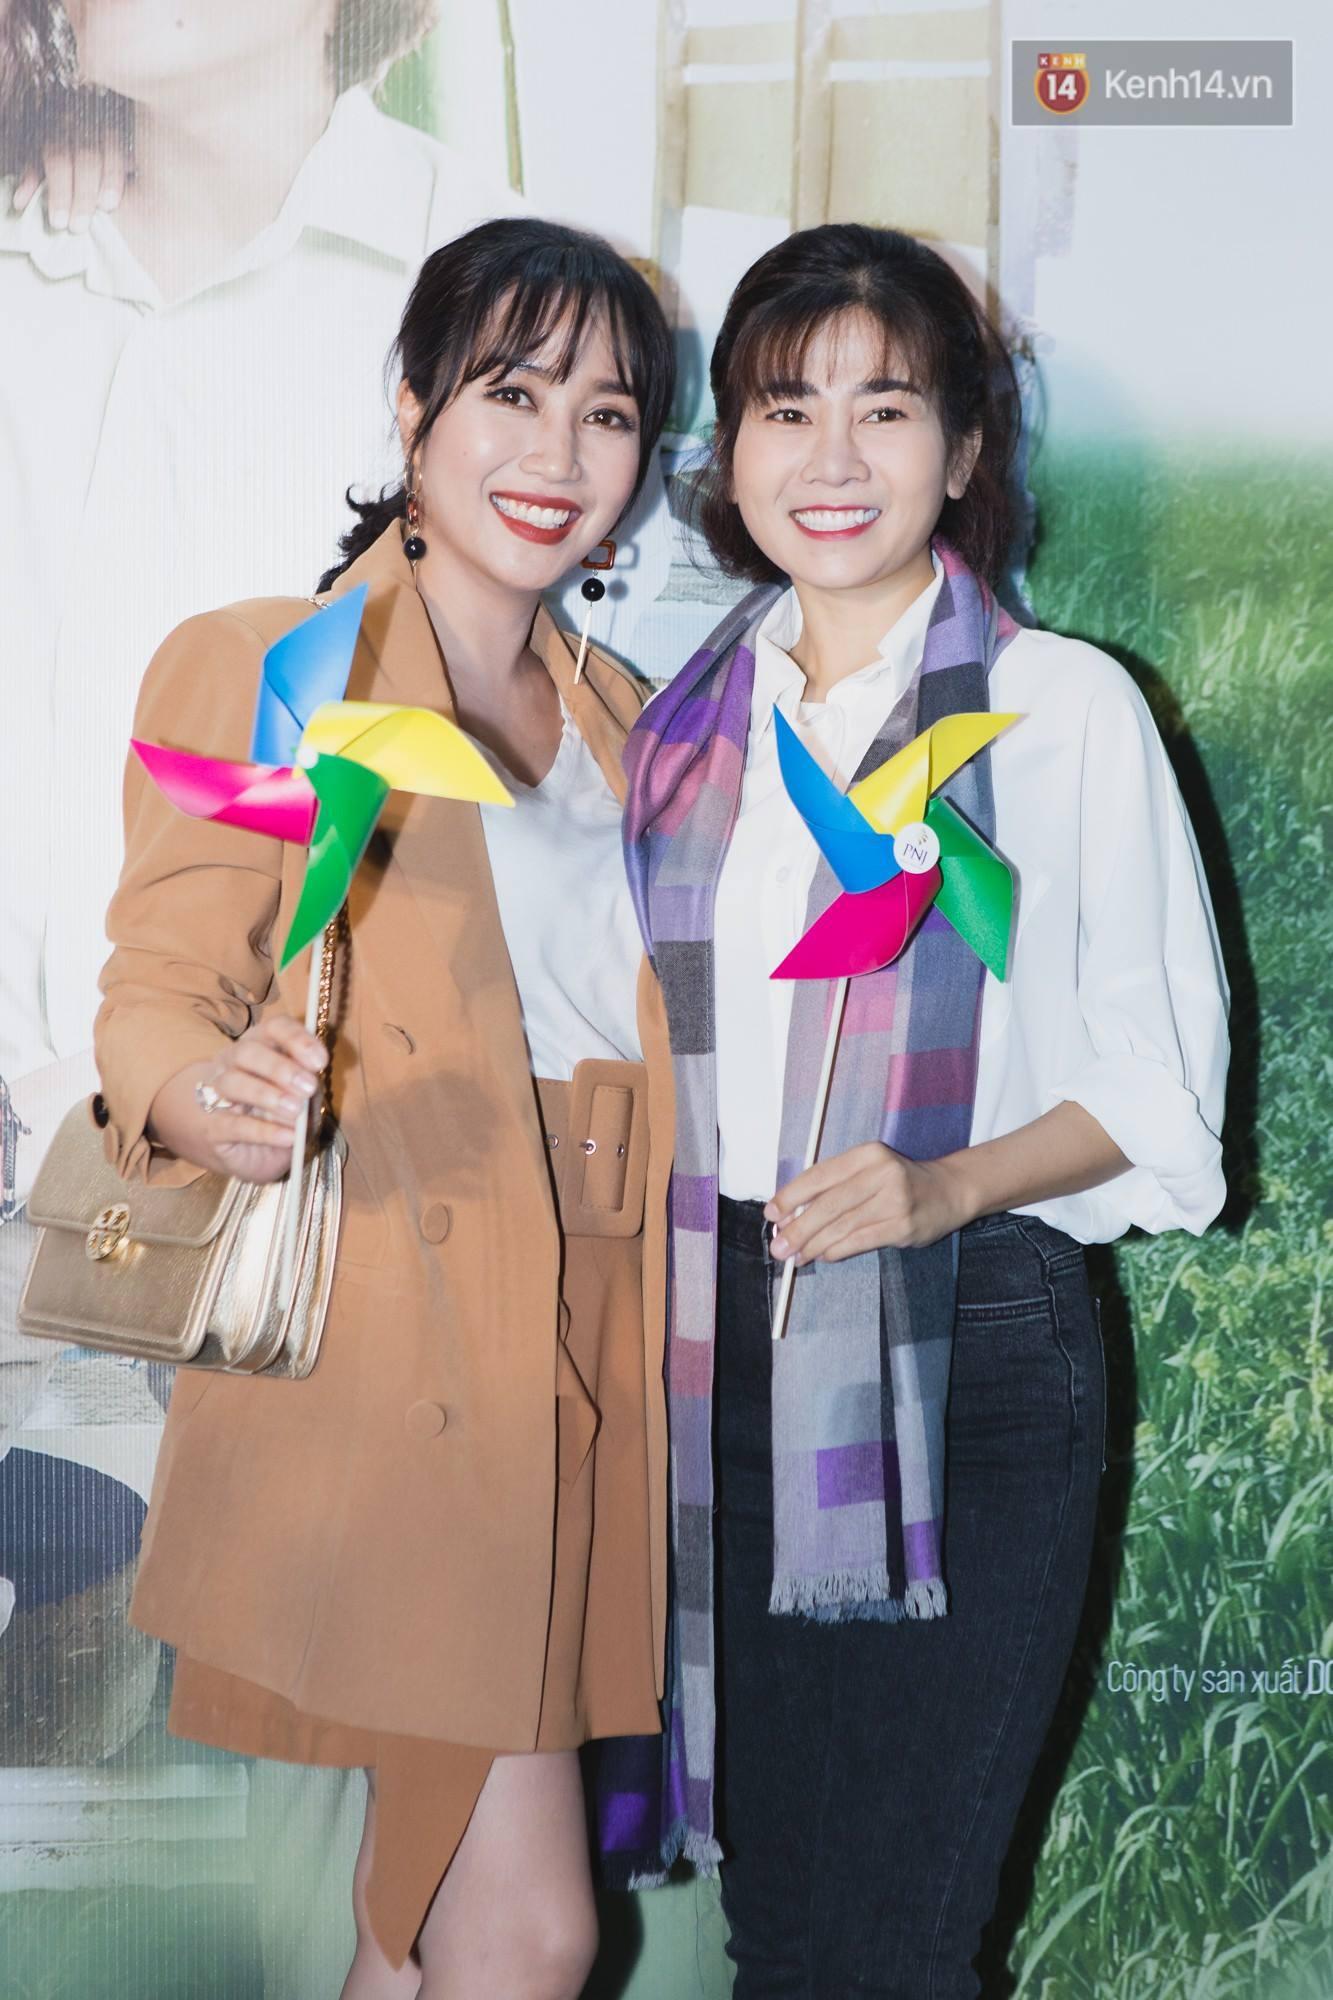 MC Ốc Thanh Vân và Mai Phương cùng tham dự một sự kiện mới đây.